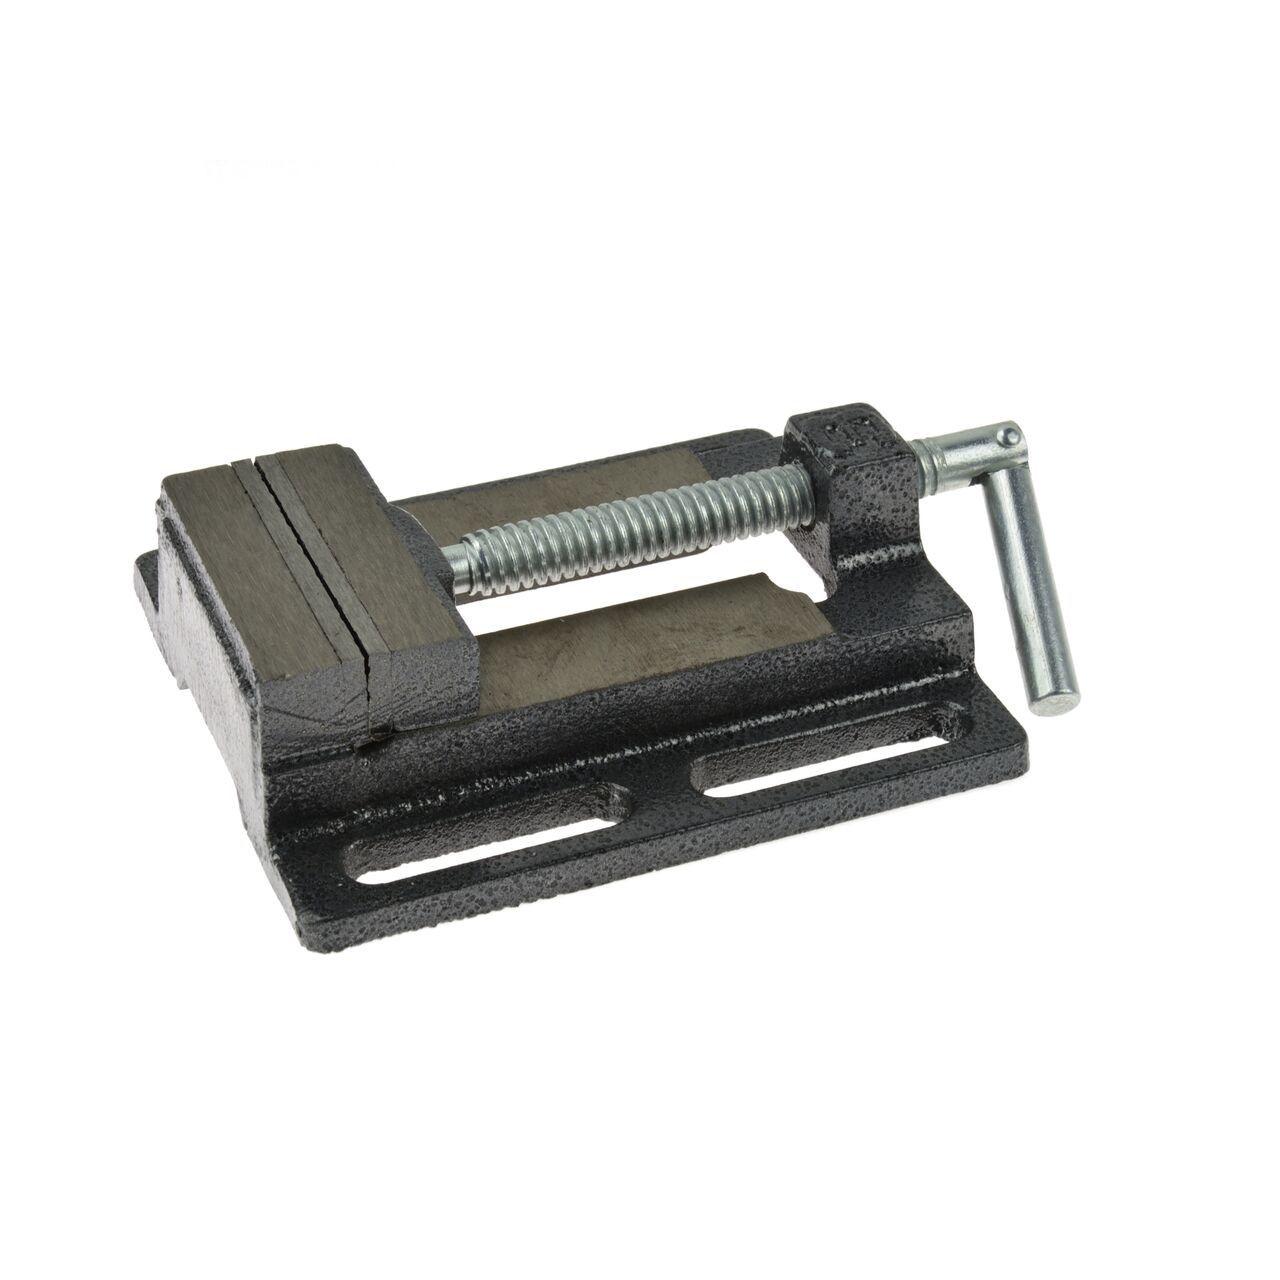 """Image of Menghina de banc, 65mm /2.5"""""""